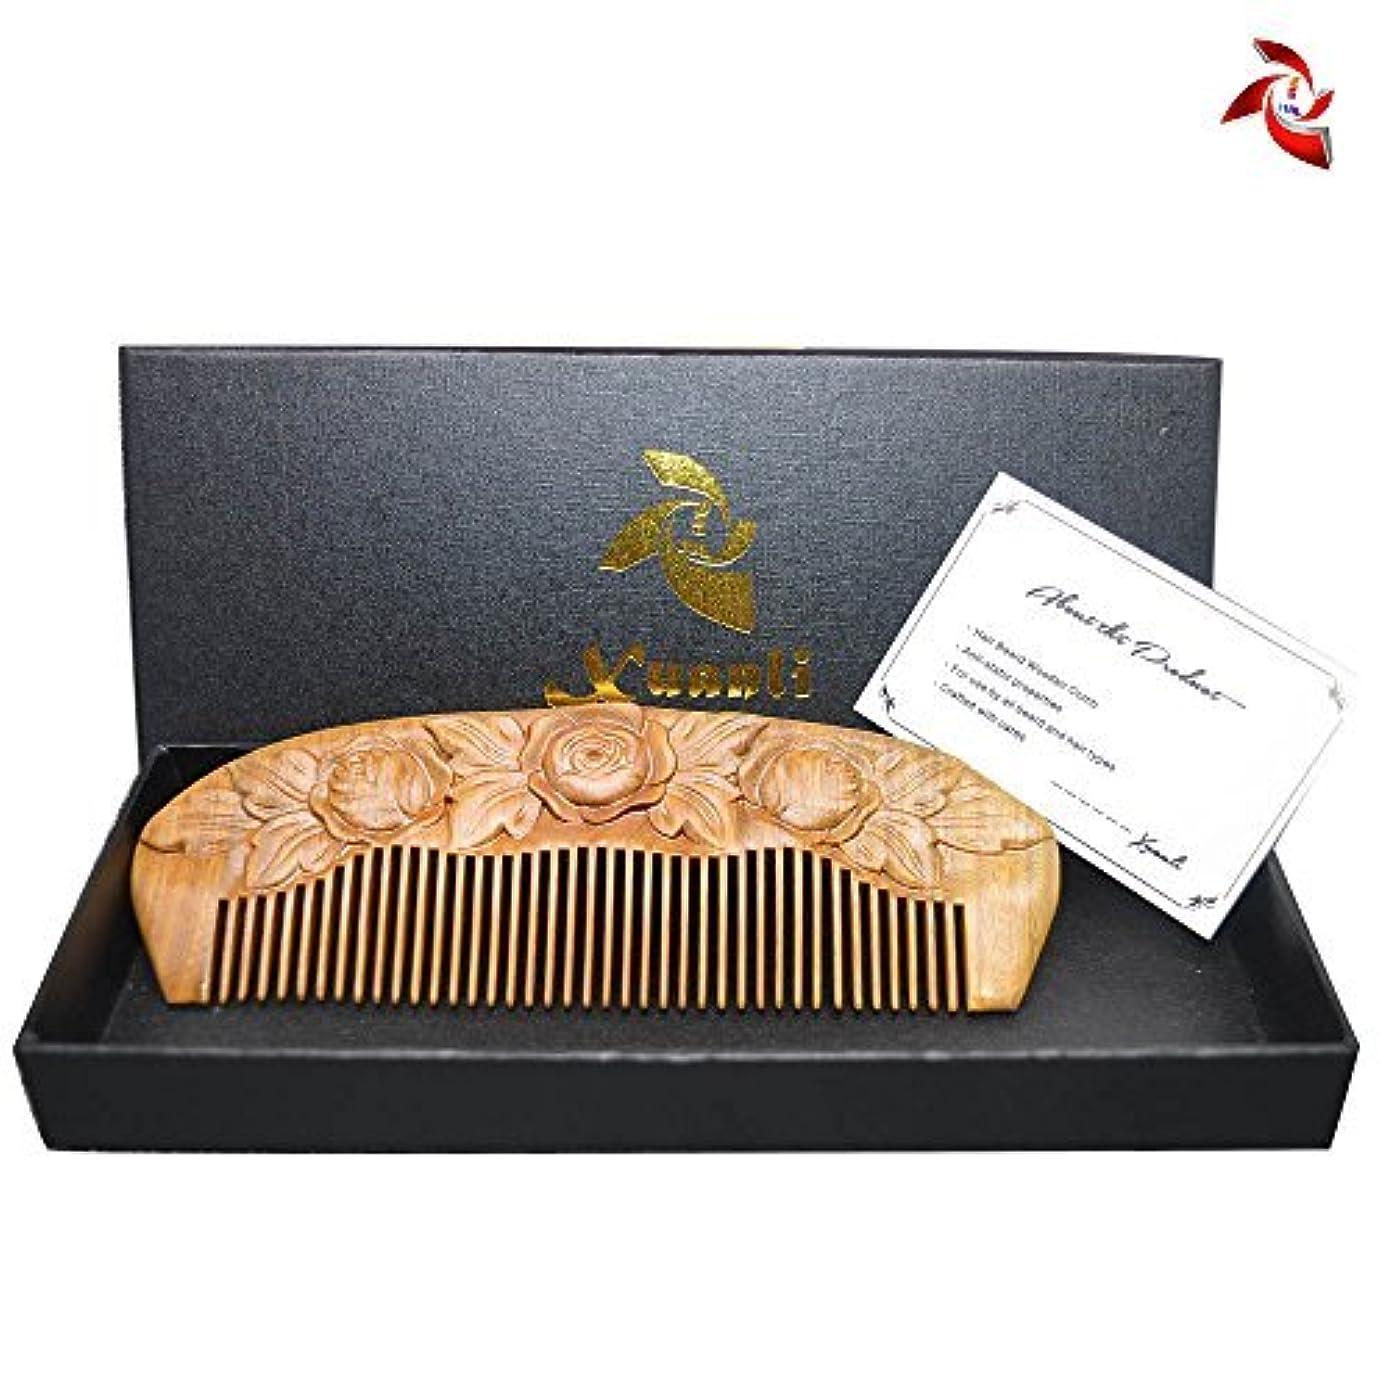 思慮深いオーディションいとこXuanli Wood Combs Carving roses design Natural Green Sandalwood Combs Top Quality Handmade Combs For Hair No Static...